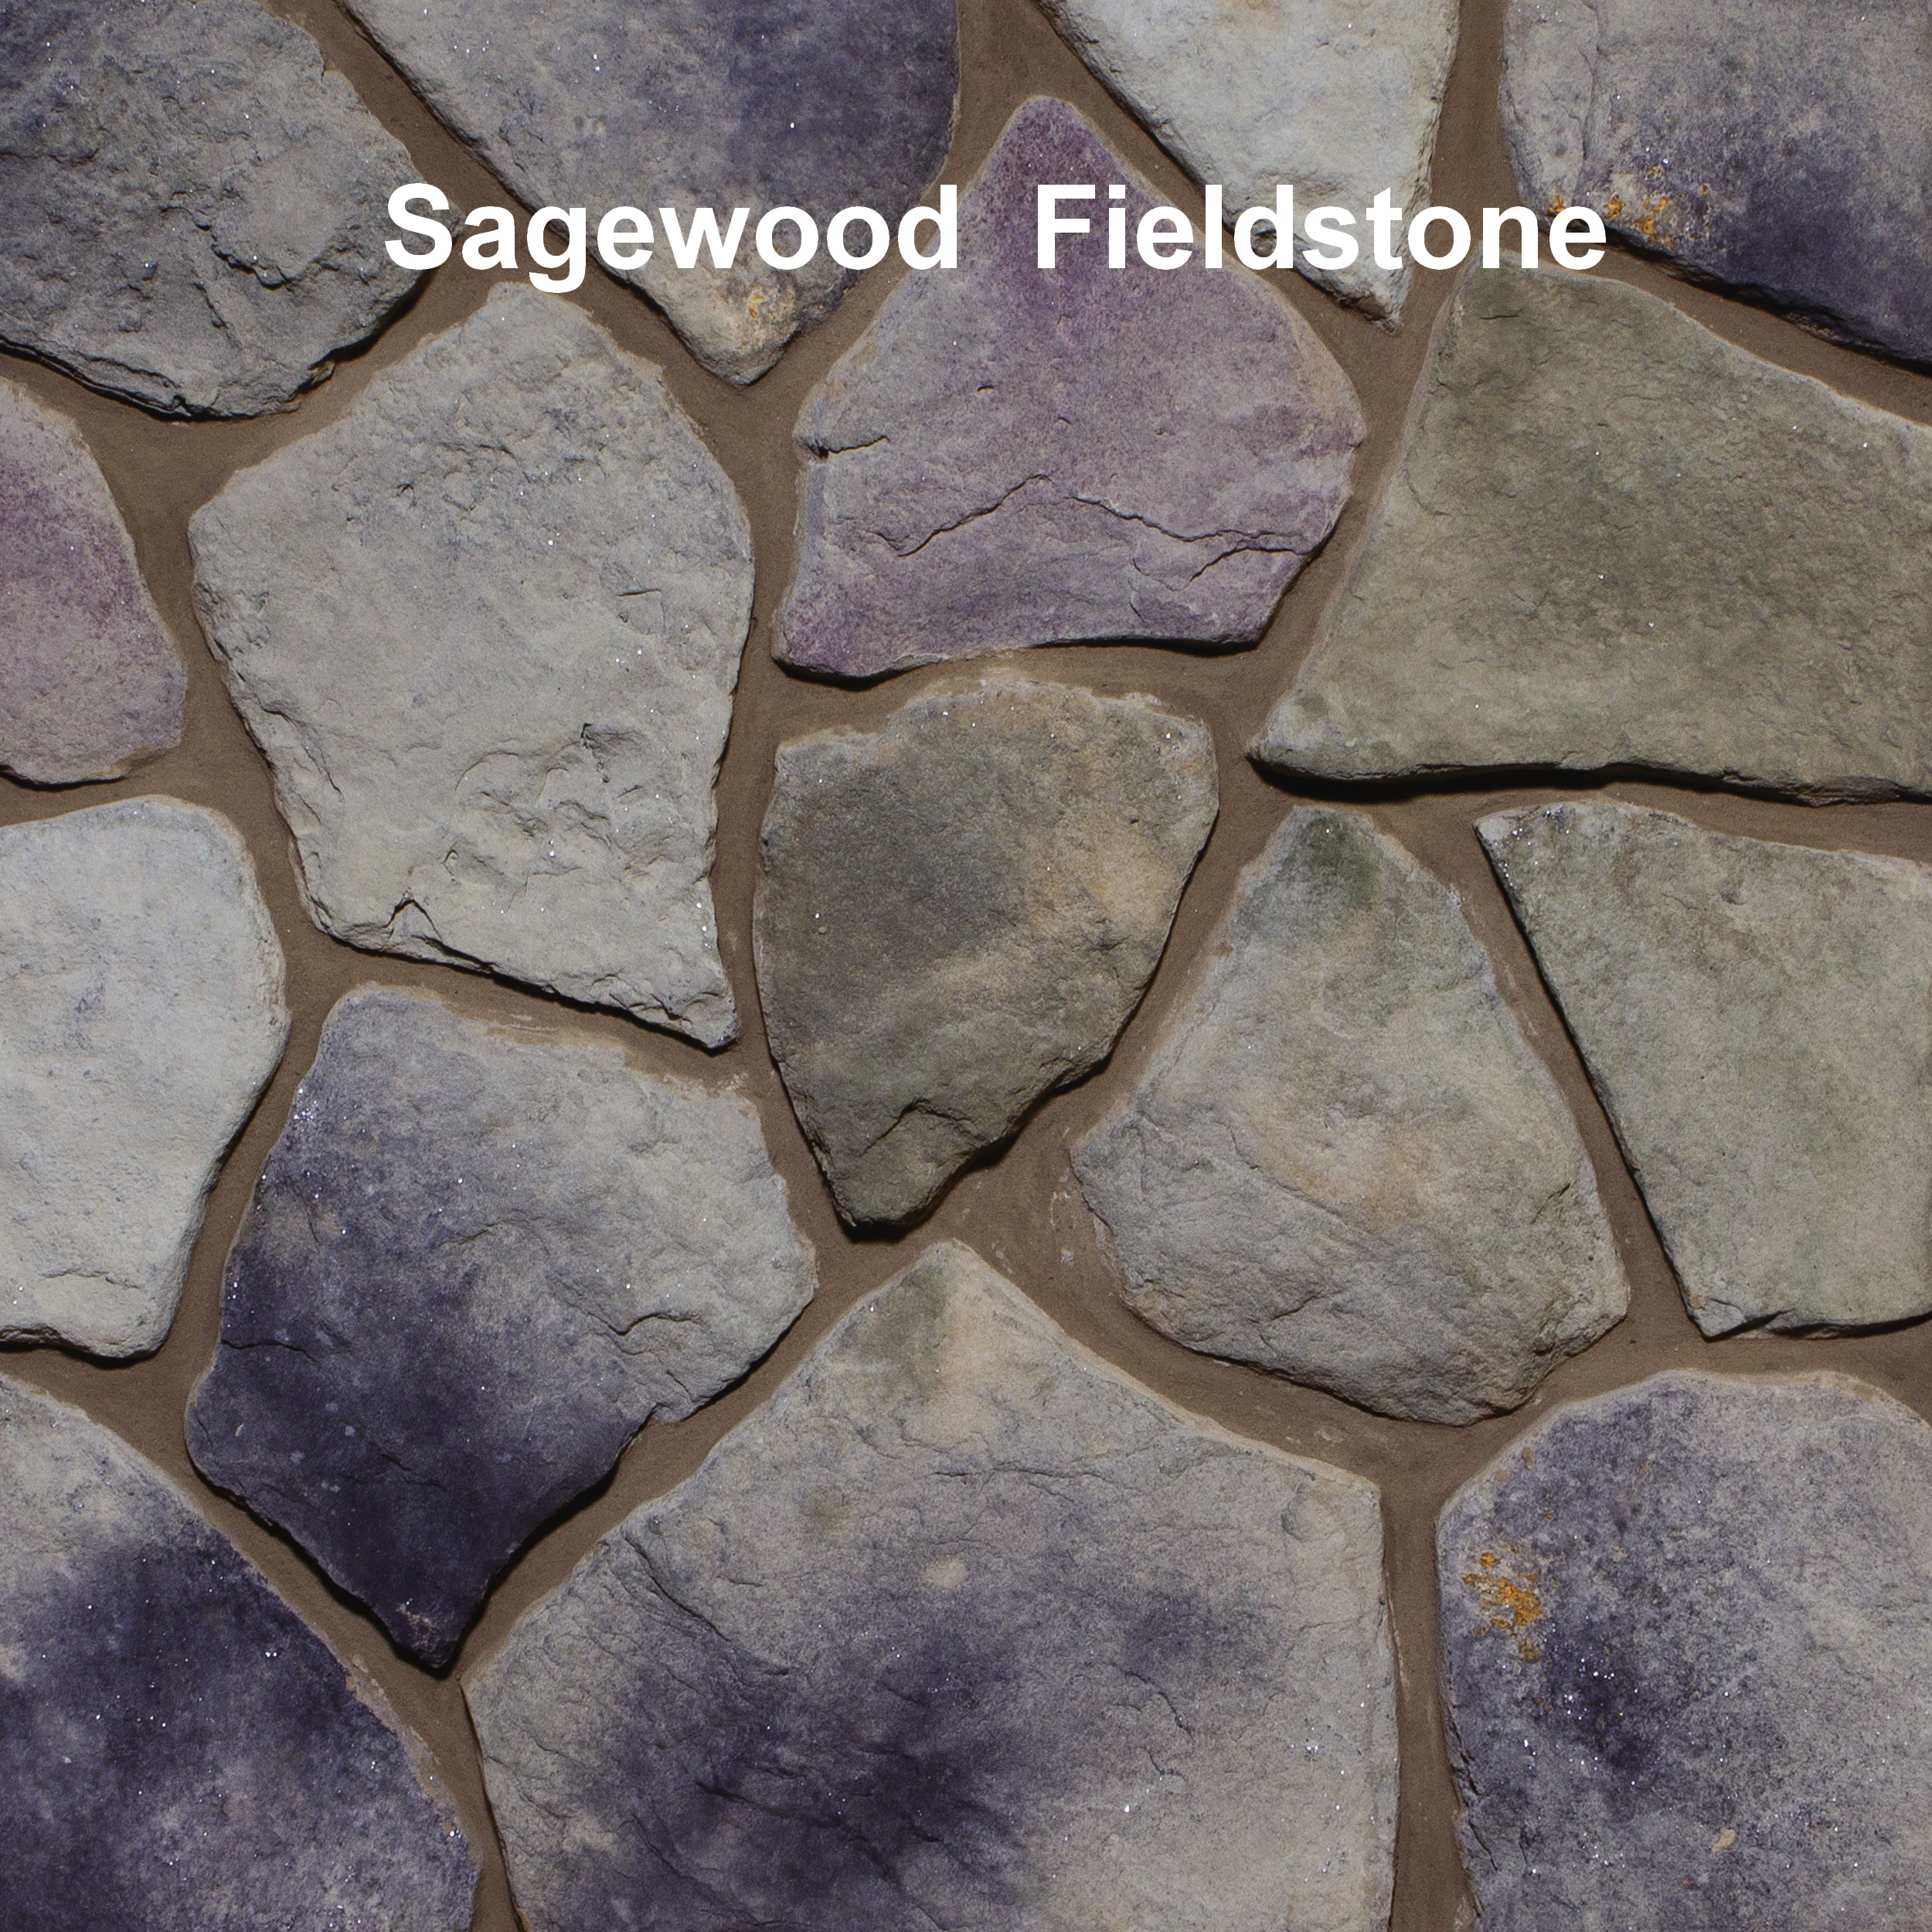 DQ_Fieldstone_Sagewood_Profile.jpg